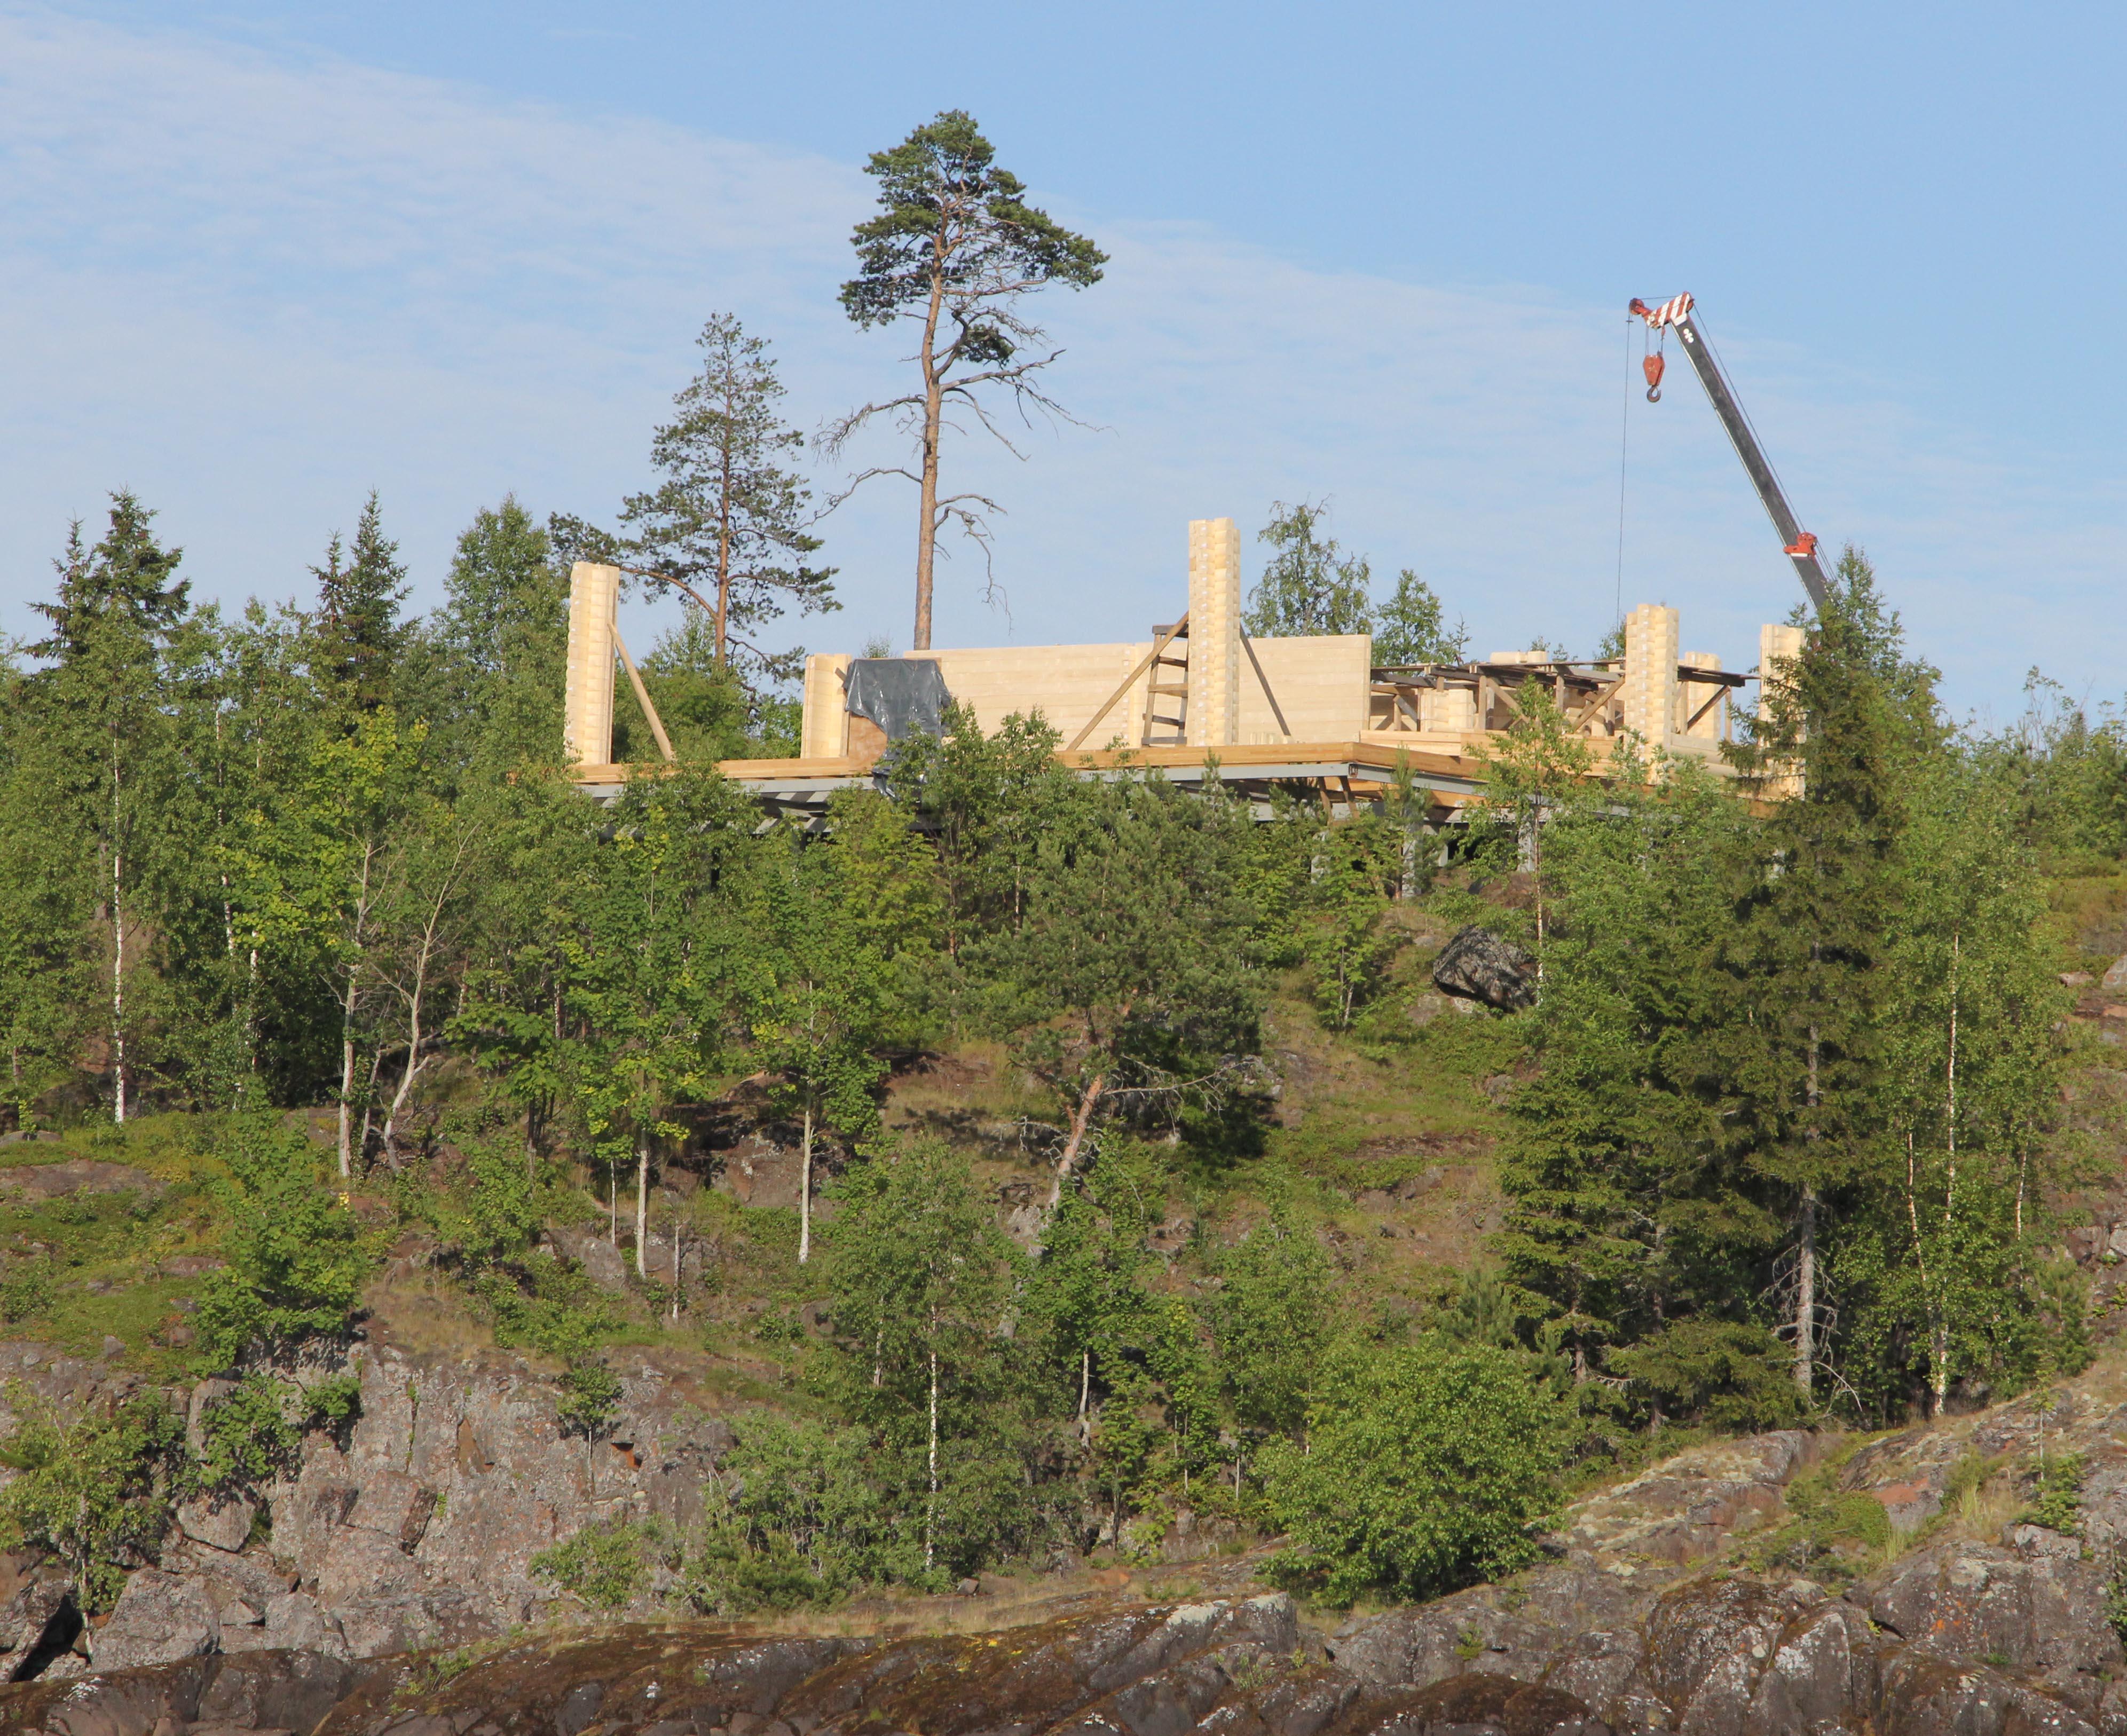 На Оборонном острове Валаамского архипелага, входящем в природный парк, полным ходом идет строительство. Фото: Алексей Владимиров